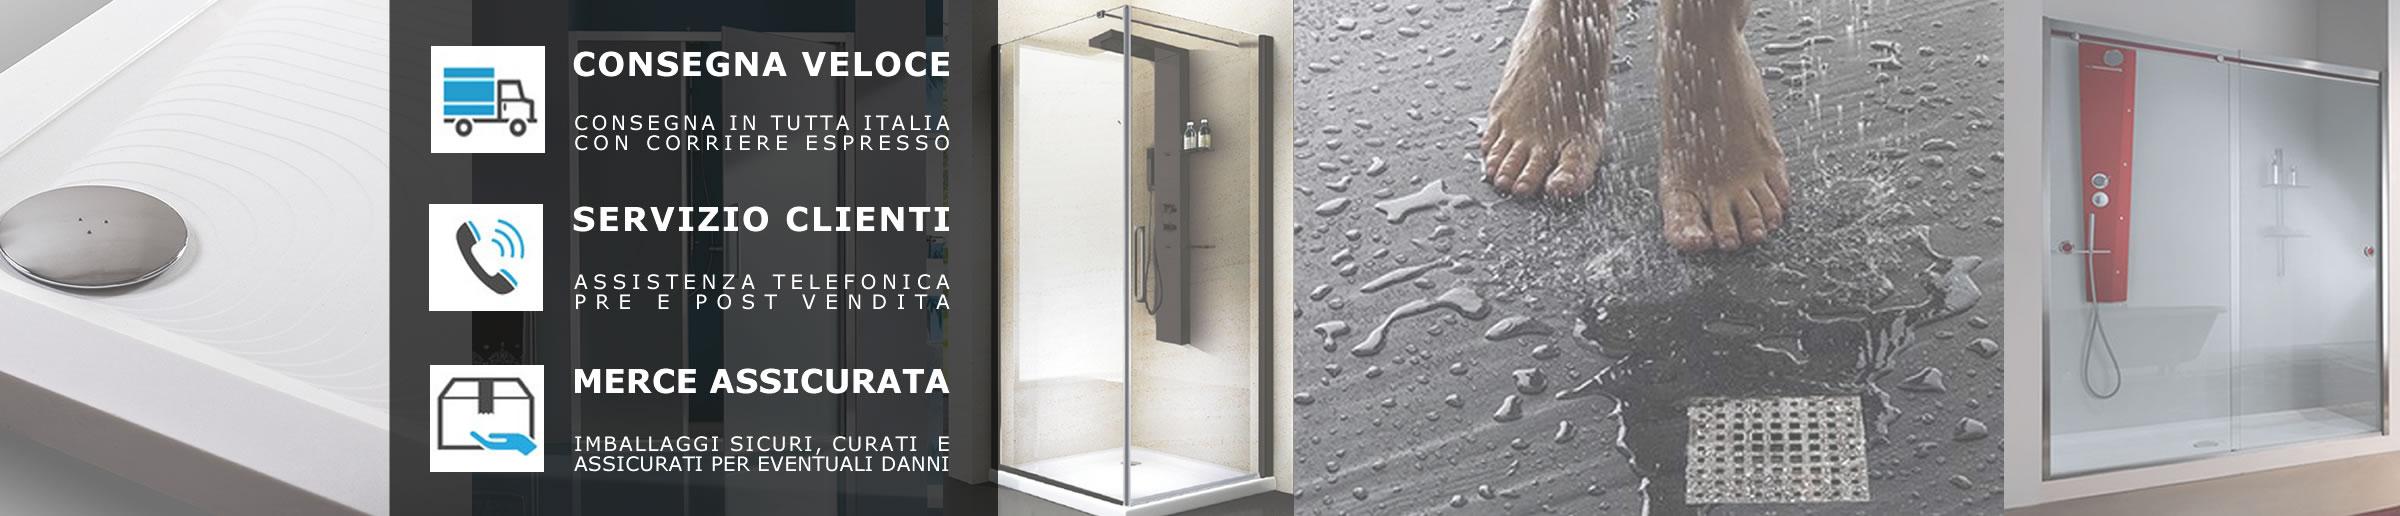 Box doccia porte scorrevoli bagno in vetro cristallo 6 mm opaco per ...